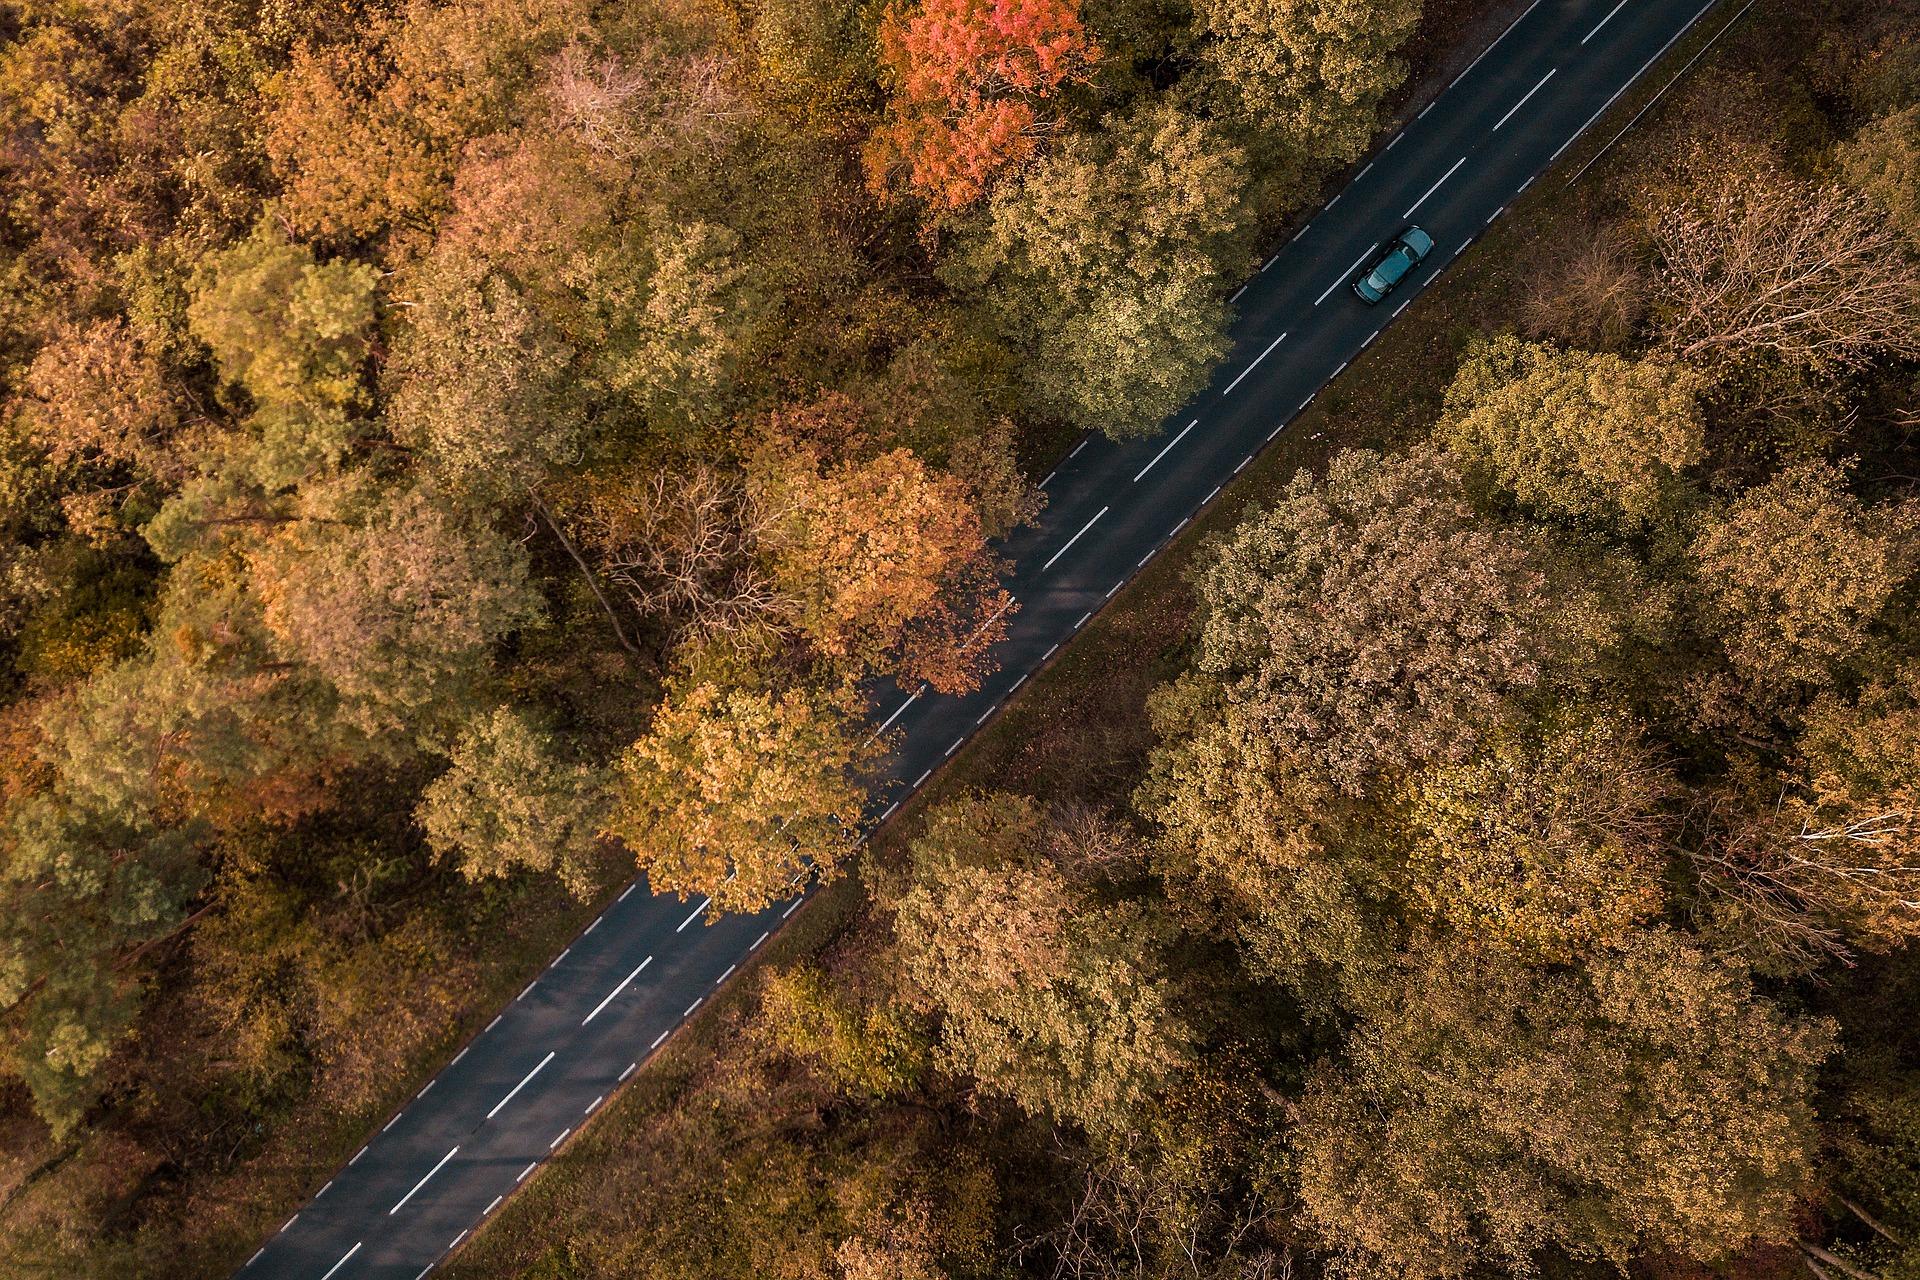 Deutschland Roadtrip: Die 11 schönsten Routen (inkl. Karten)